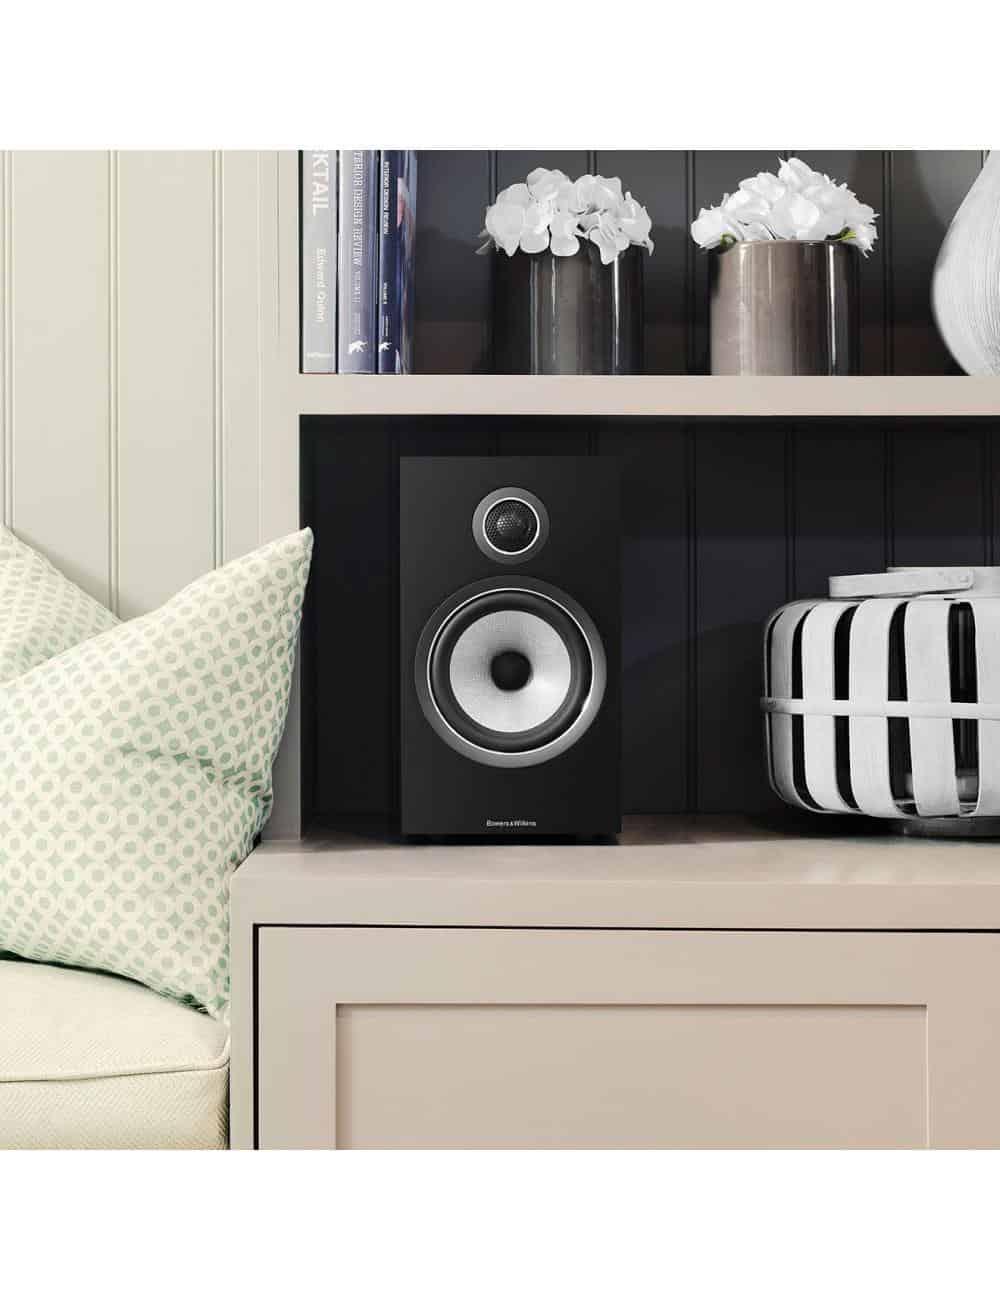 diffusori acustici da stand per hifi e home theater, Bowers & Wilkins 706, finitura nero lucido, libreria